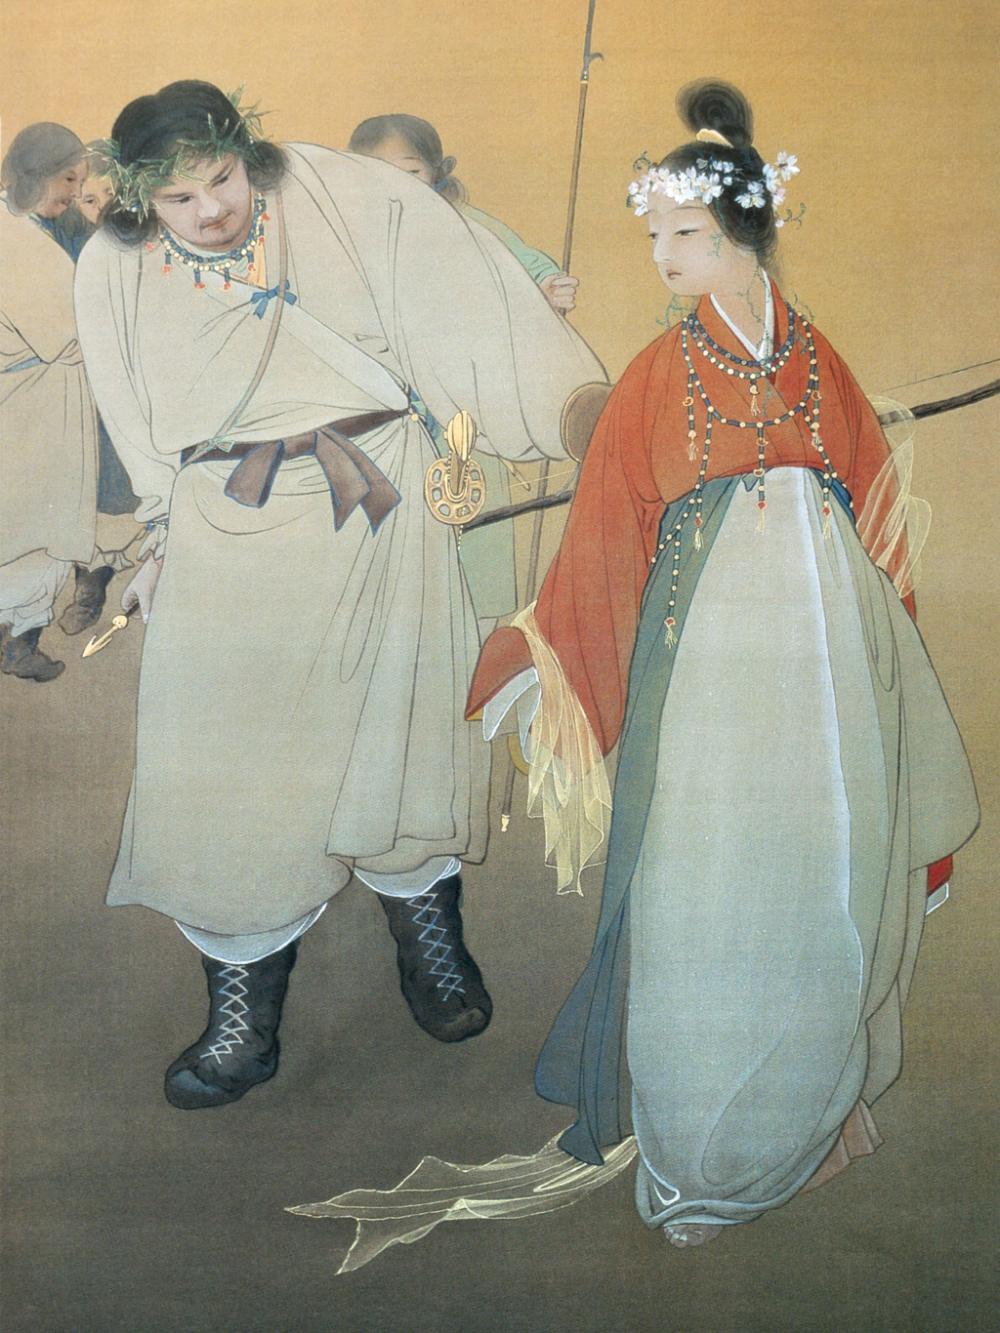 石井林響 木華開耶姫 Ishii Rinkyo Konohanasakuyahime 壁紙